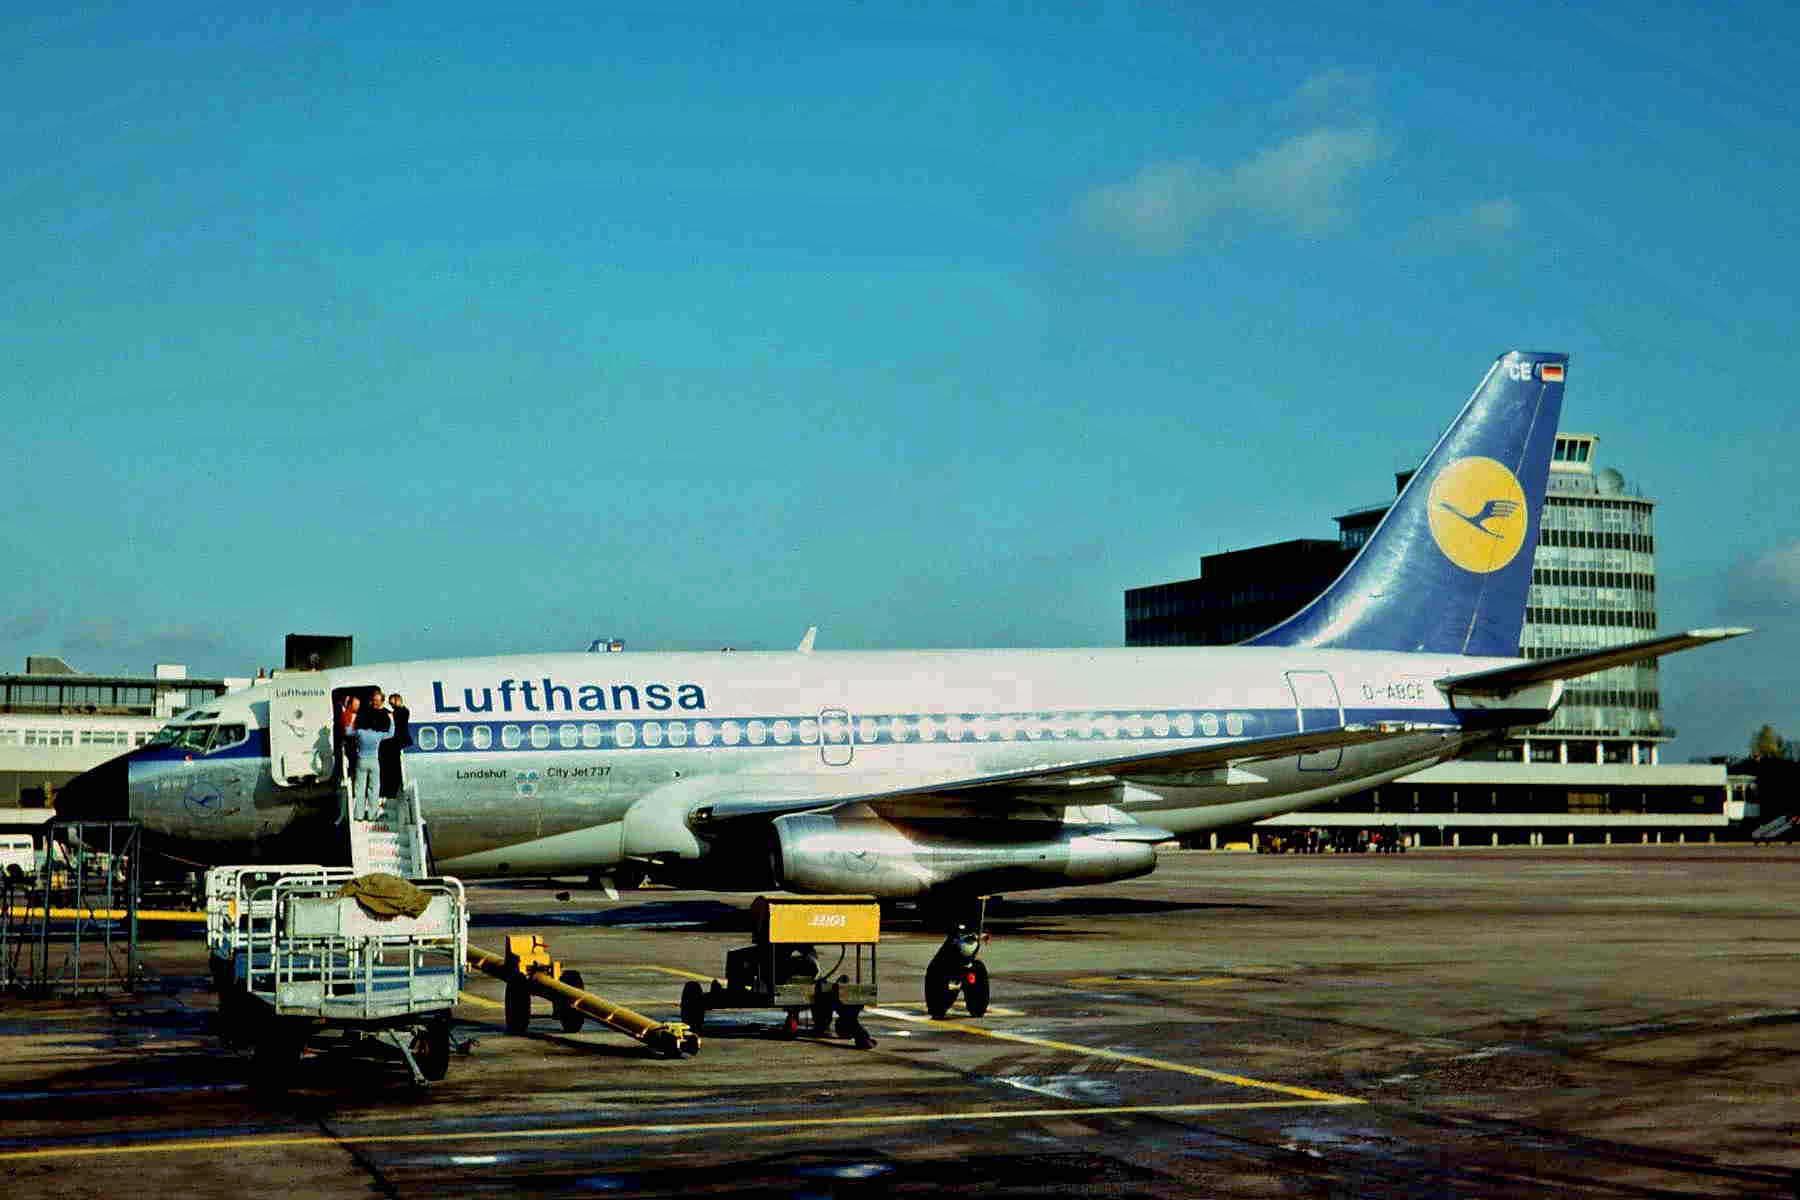 Samolot Lufthansy porwany w październiku 1977 r. przez palestyńskich terrorystów. Do zamachu doszło podczas lotu z Pallma de Mallorca do Frankfurtu (fot. Ken Fielding / Wikimedia.org / CC BY-SA 3.0)